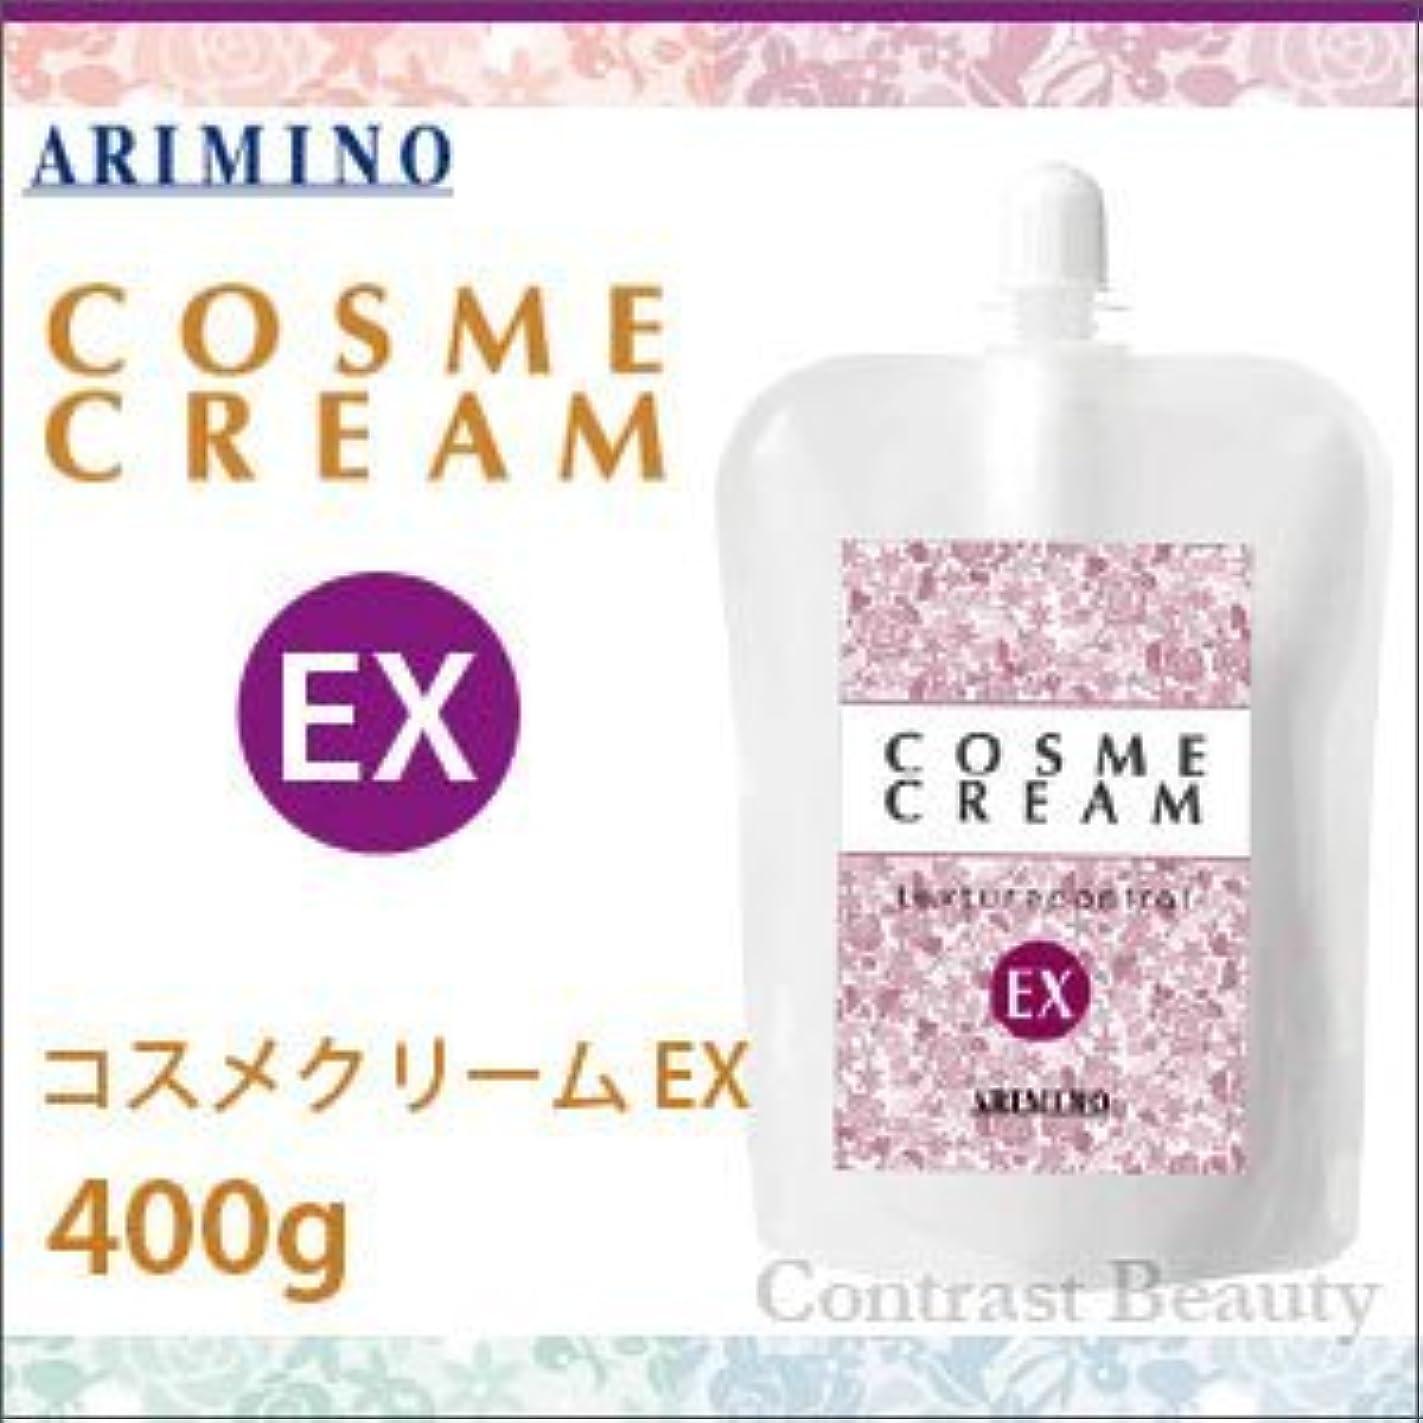 アクセル誘惑する医療のアリミノ コスメクリーム EX 400g